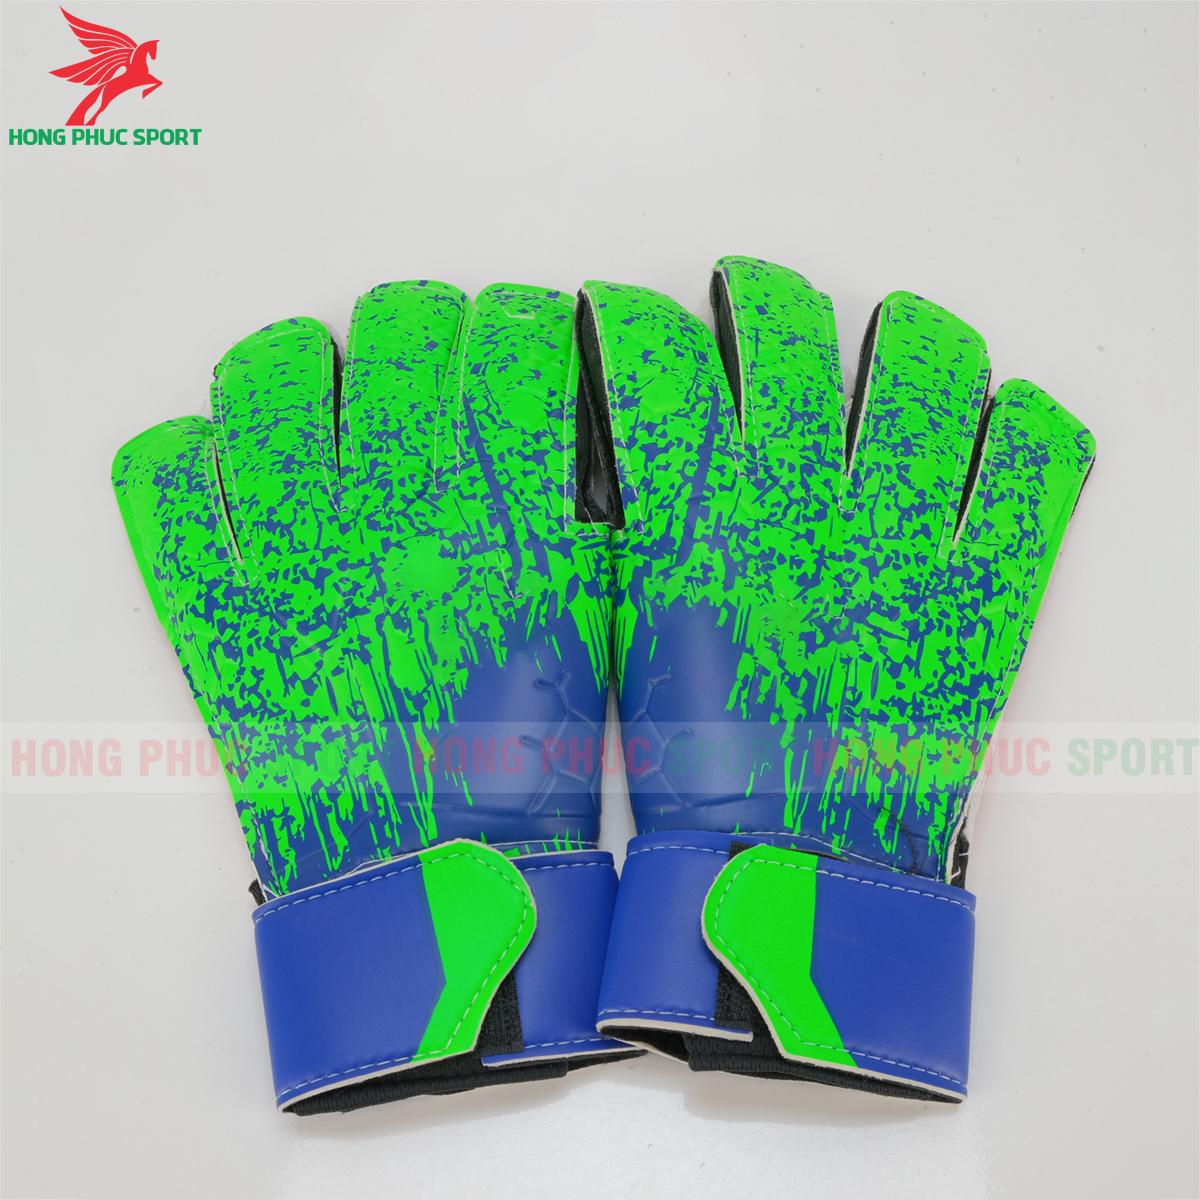 Găng tay thủ môn Adidas màu xanh lá